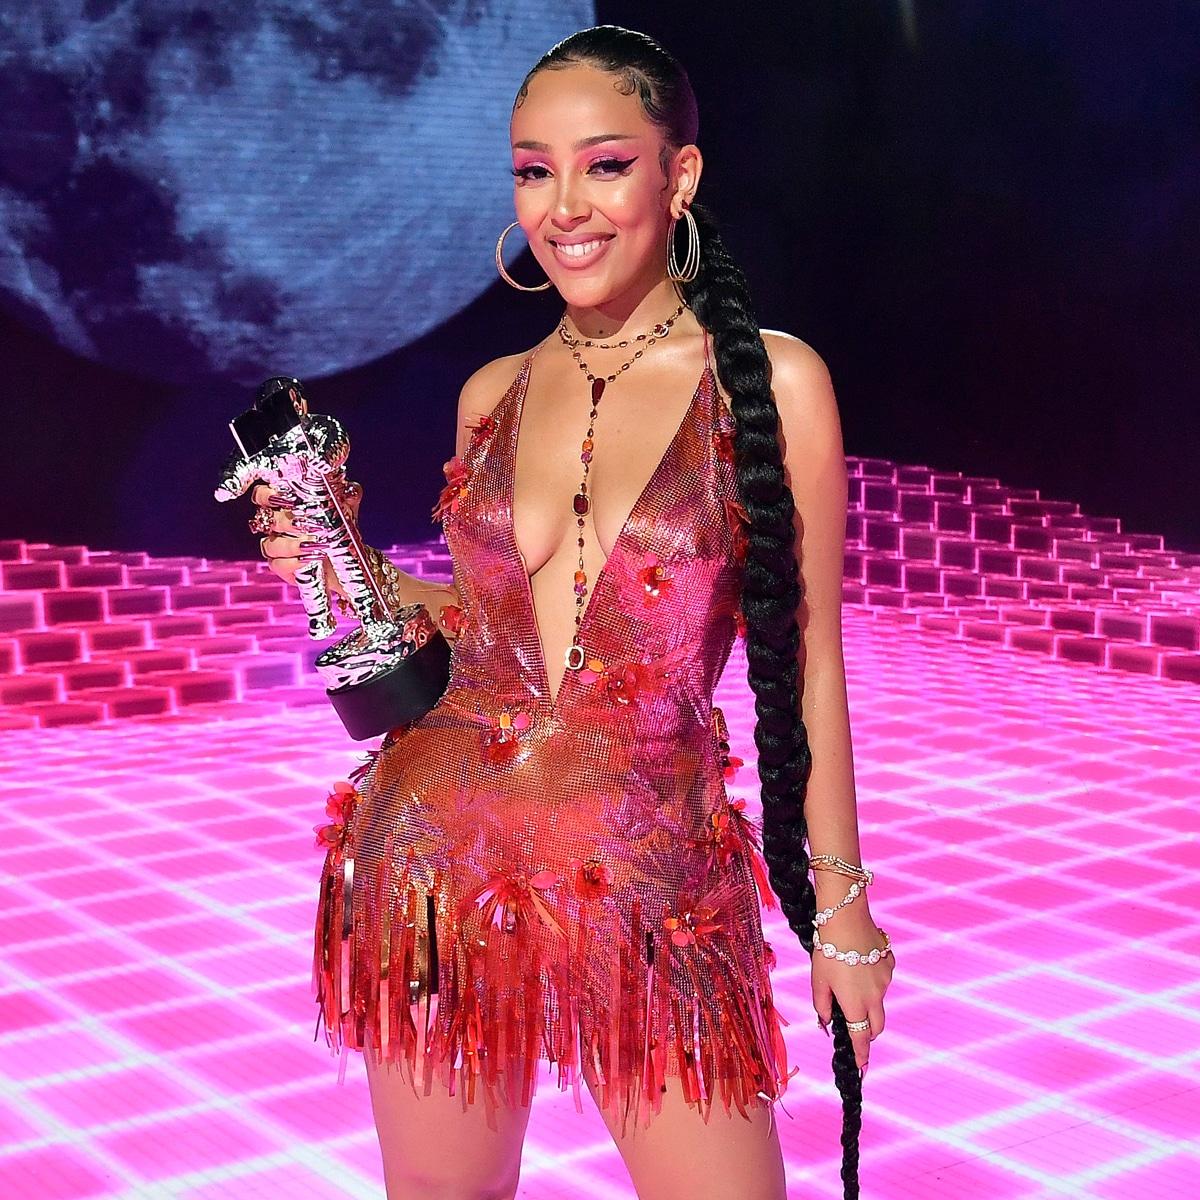 Doja Cat, 2020 MTV Video Music Awards, 2020 MTV VMA's, Winner